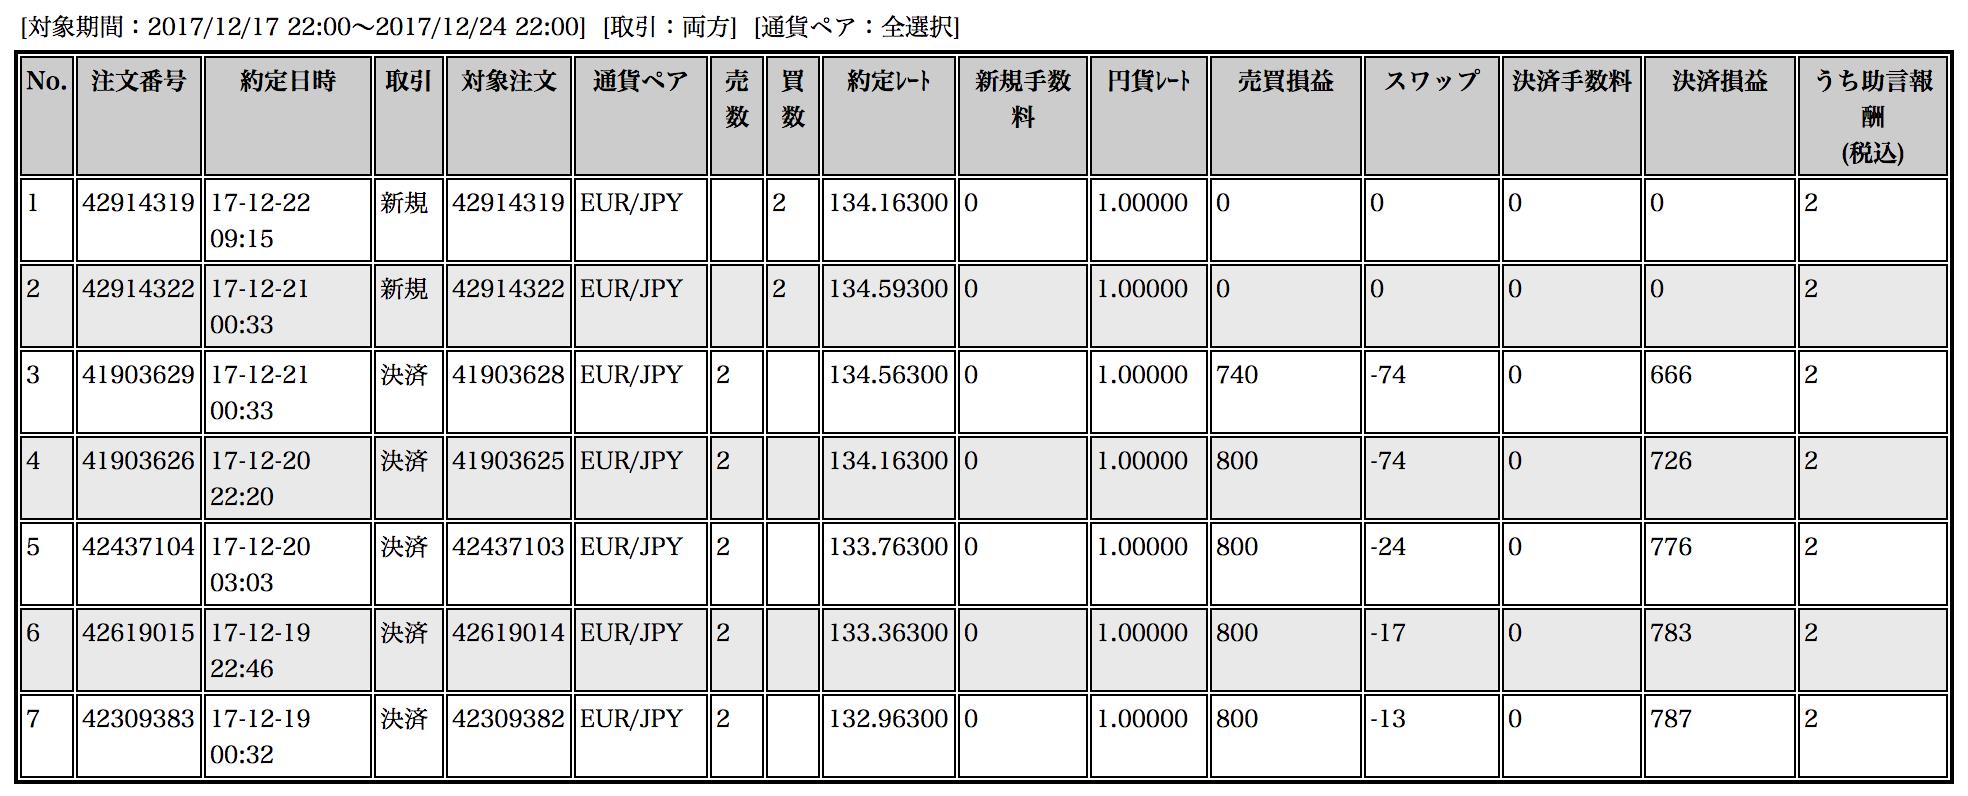 【ループイフダン】12月18〜22日の収支は+3,738円!半年で+23%達成( •̀∀•́ )✧ドヤ【限定キャンペーン実施中】